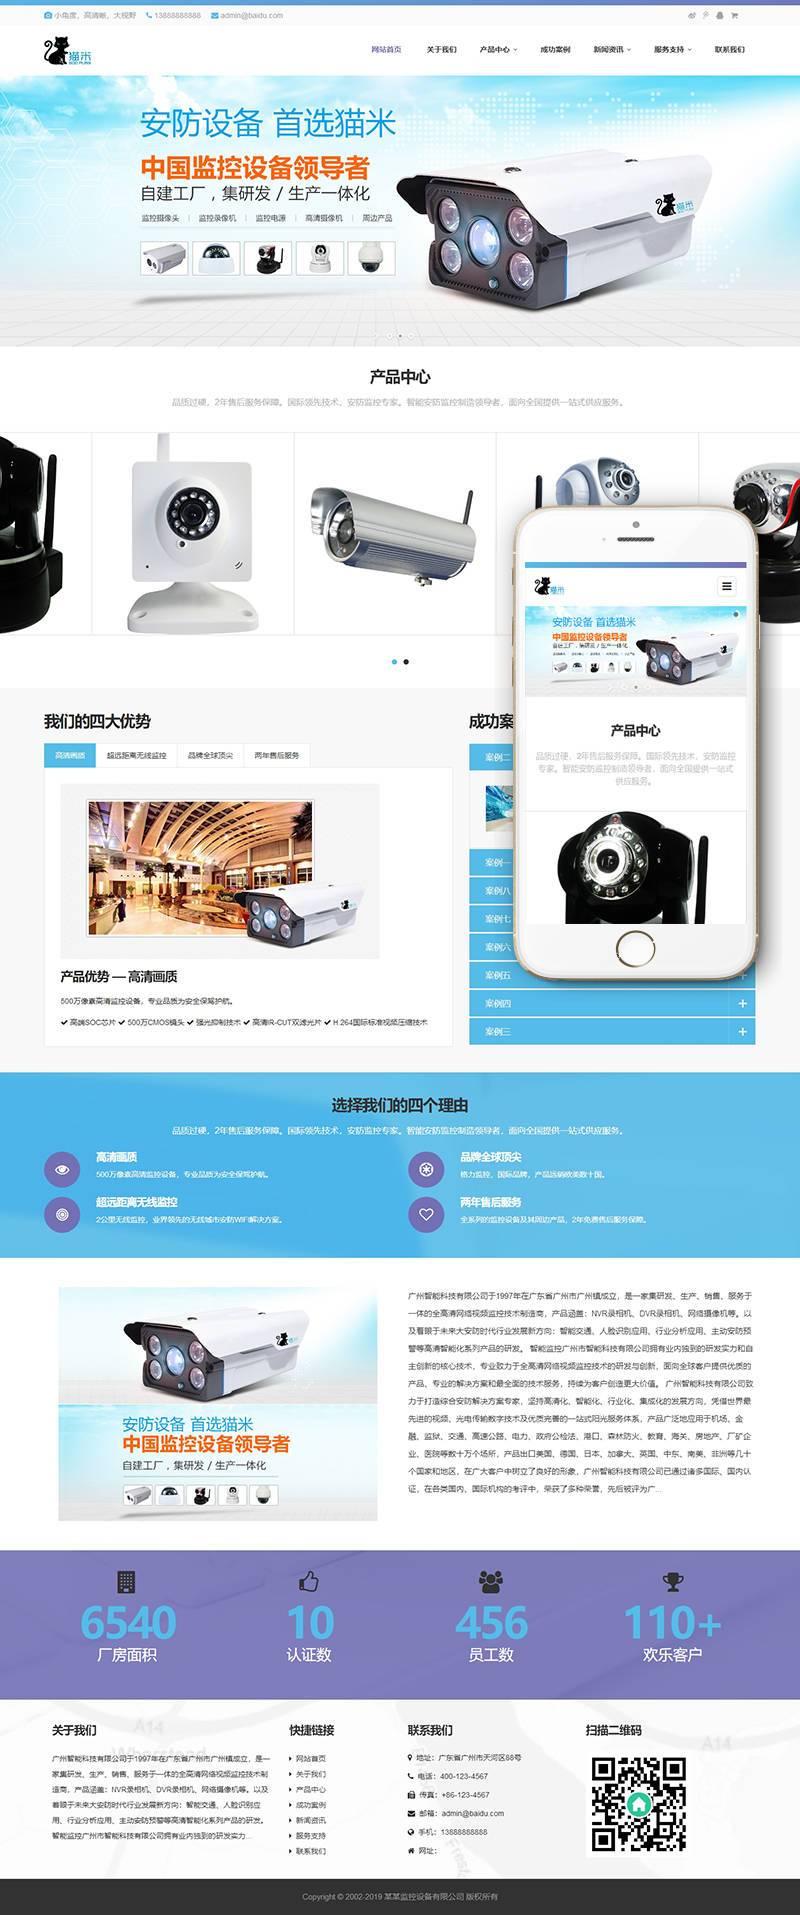 智能监控设备企业网站